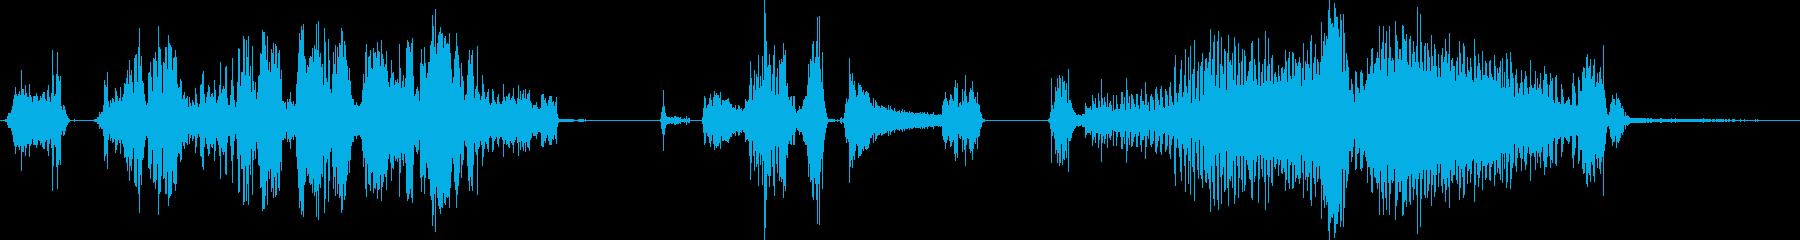 ドリル、電気、ハンドヘルド、穴あけ...の再生済みの波形